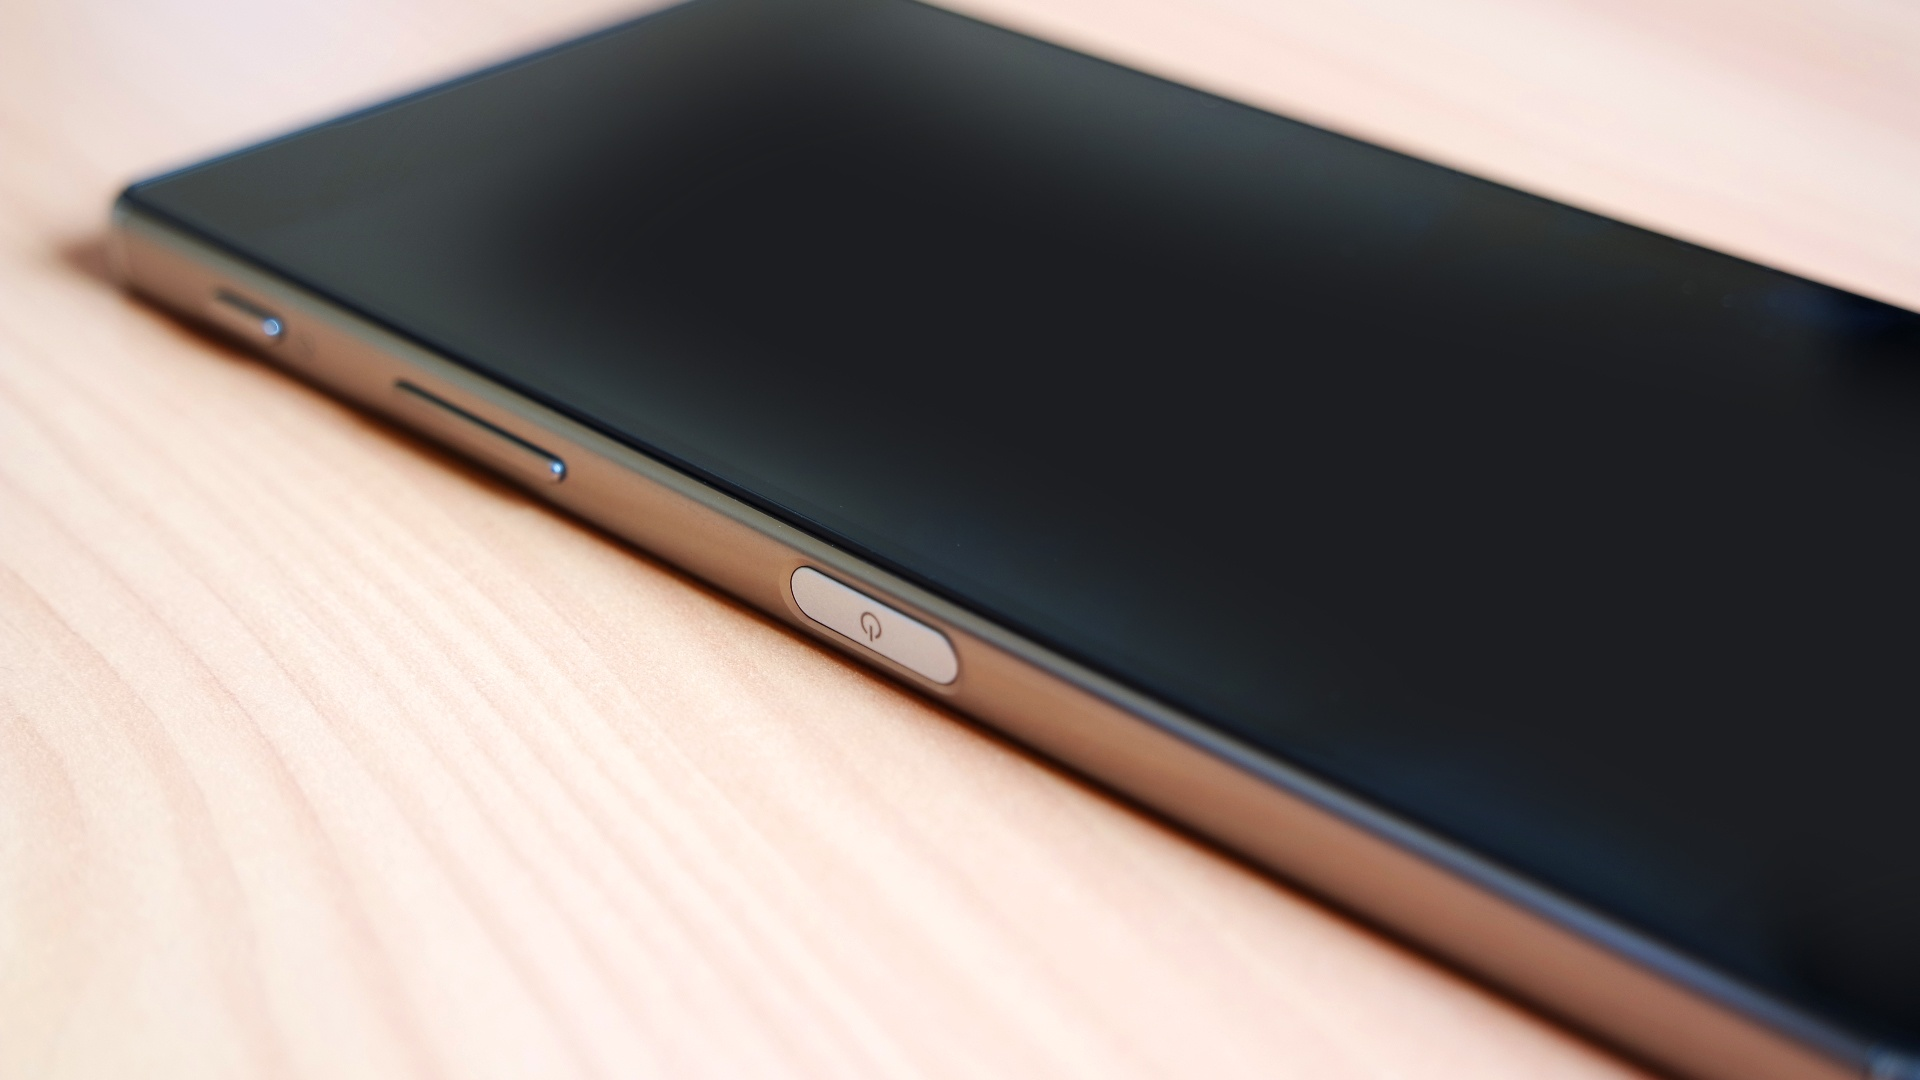 Diseño del Sony Xperia Z5 Premium